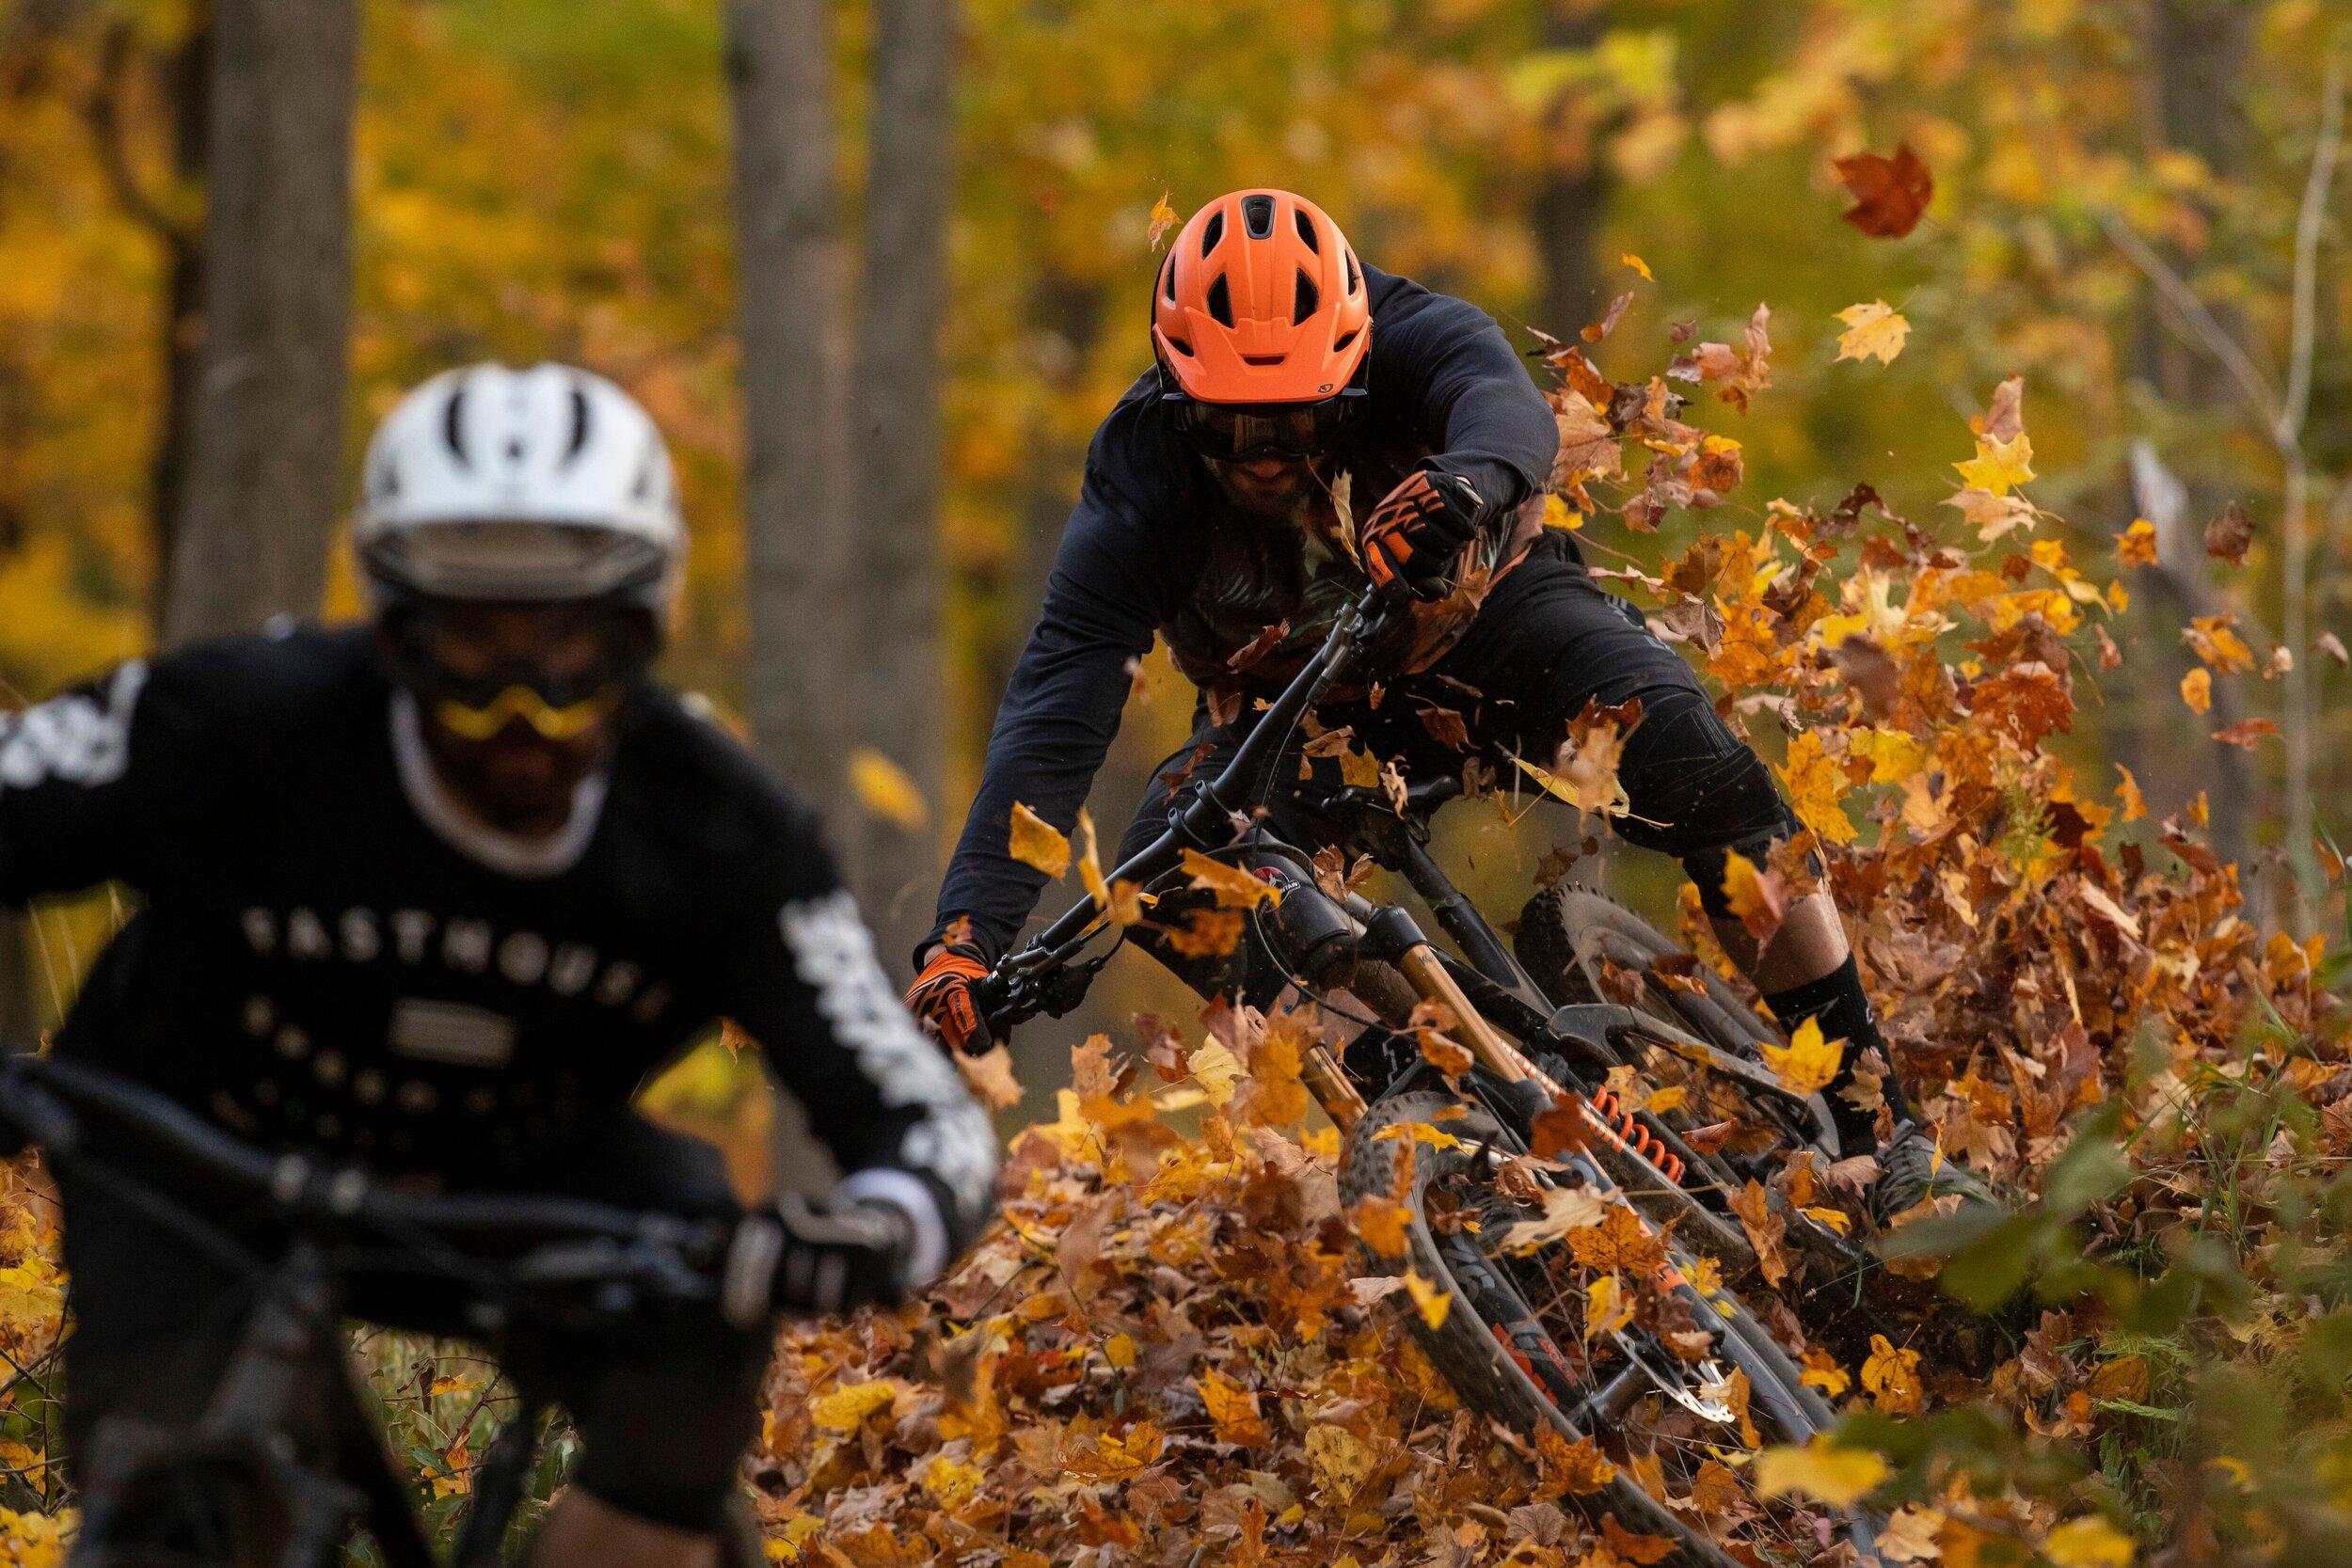 Leaf peeper bike bash - TICKETS!